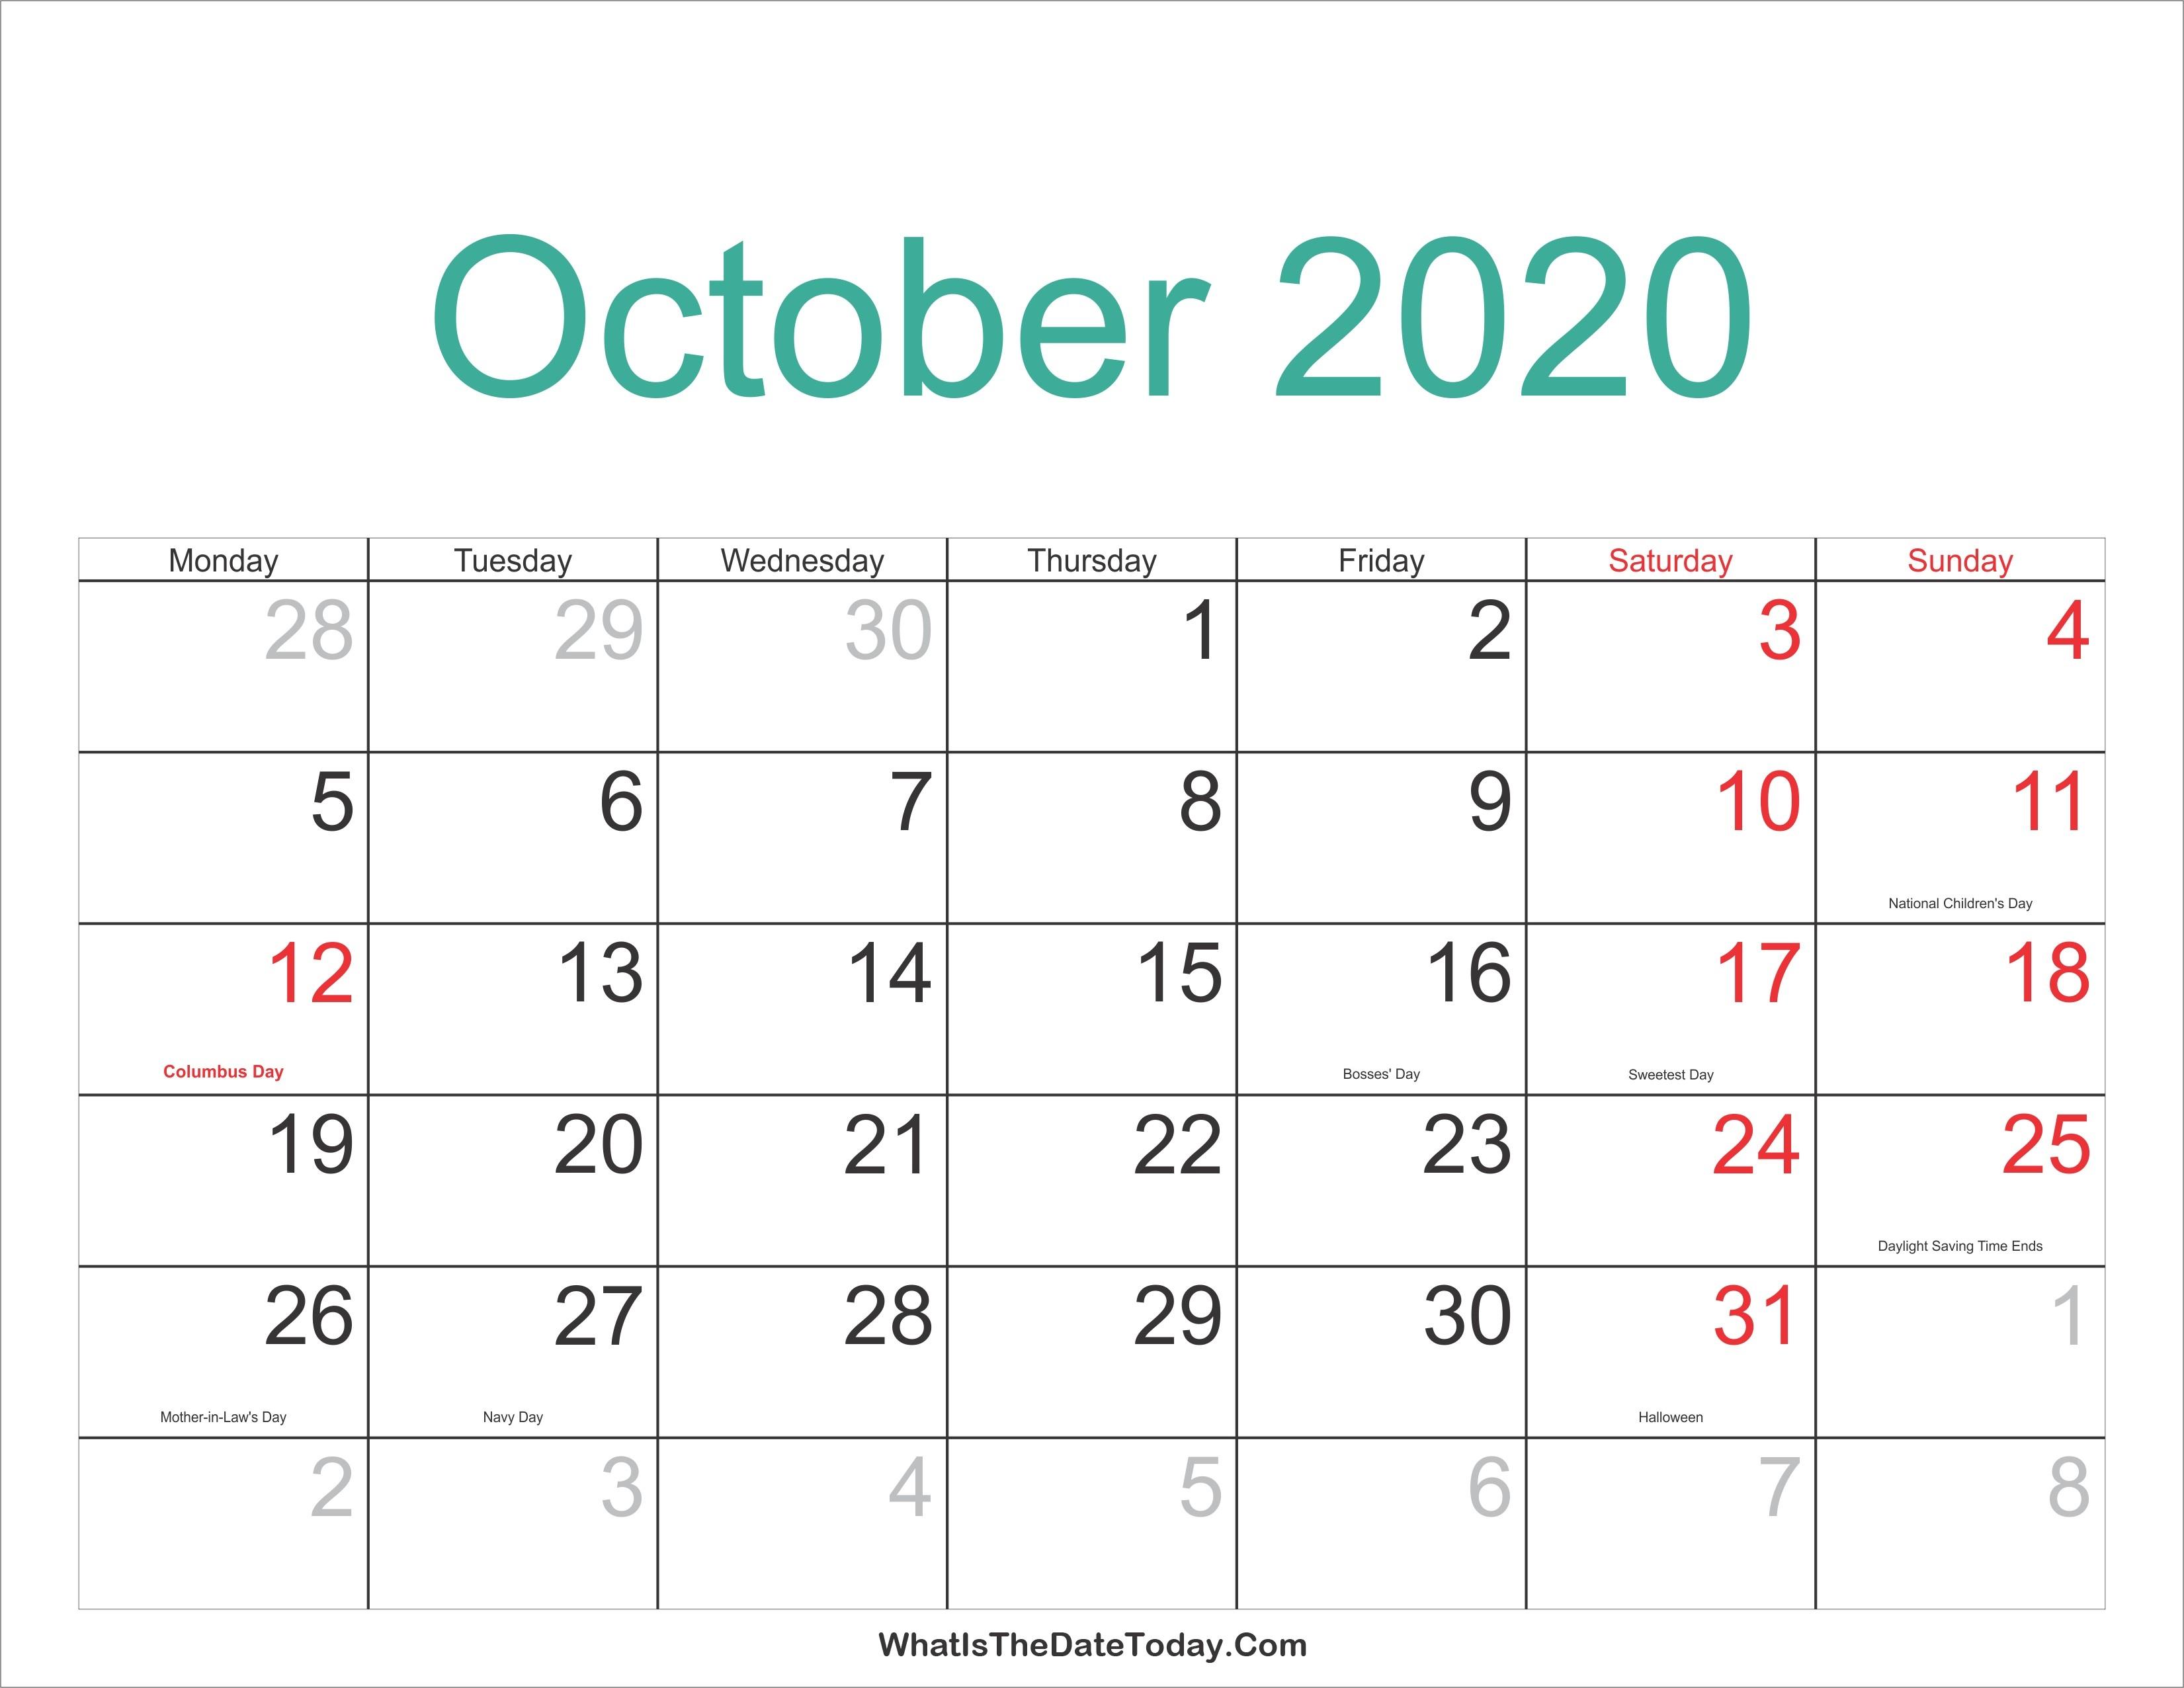 October 2020 Calendar   Thekpark-Hadong-Jewish Holidays Printable Calendar October 2020